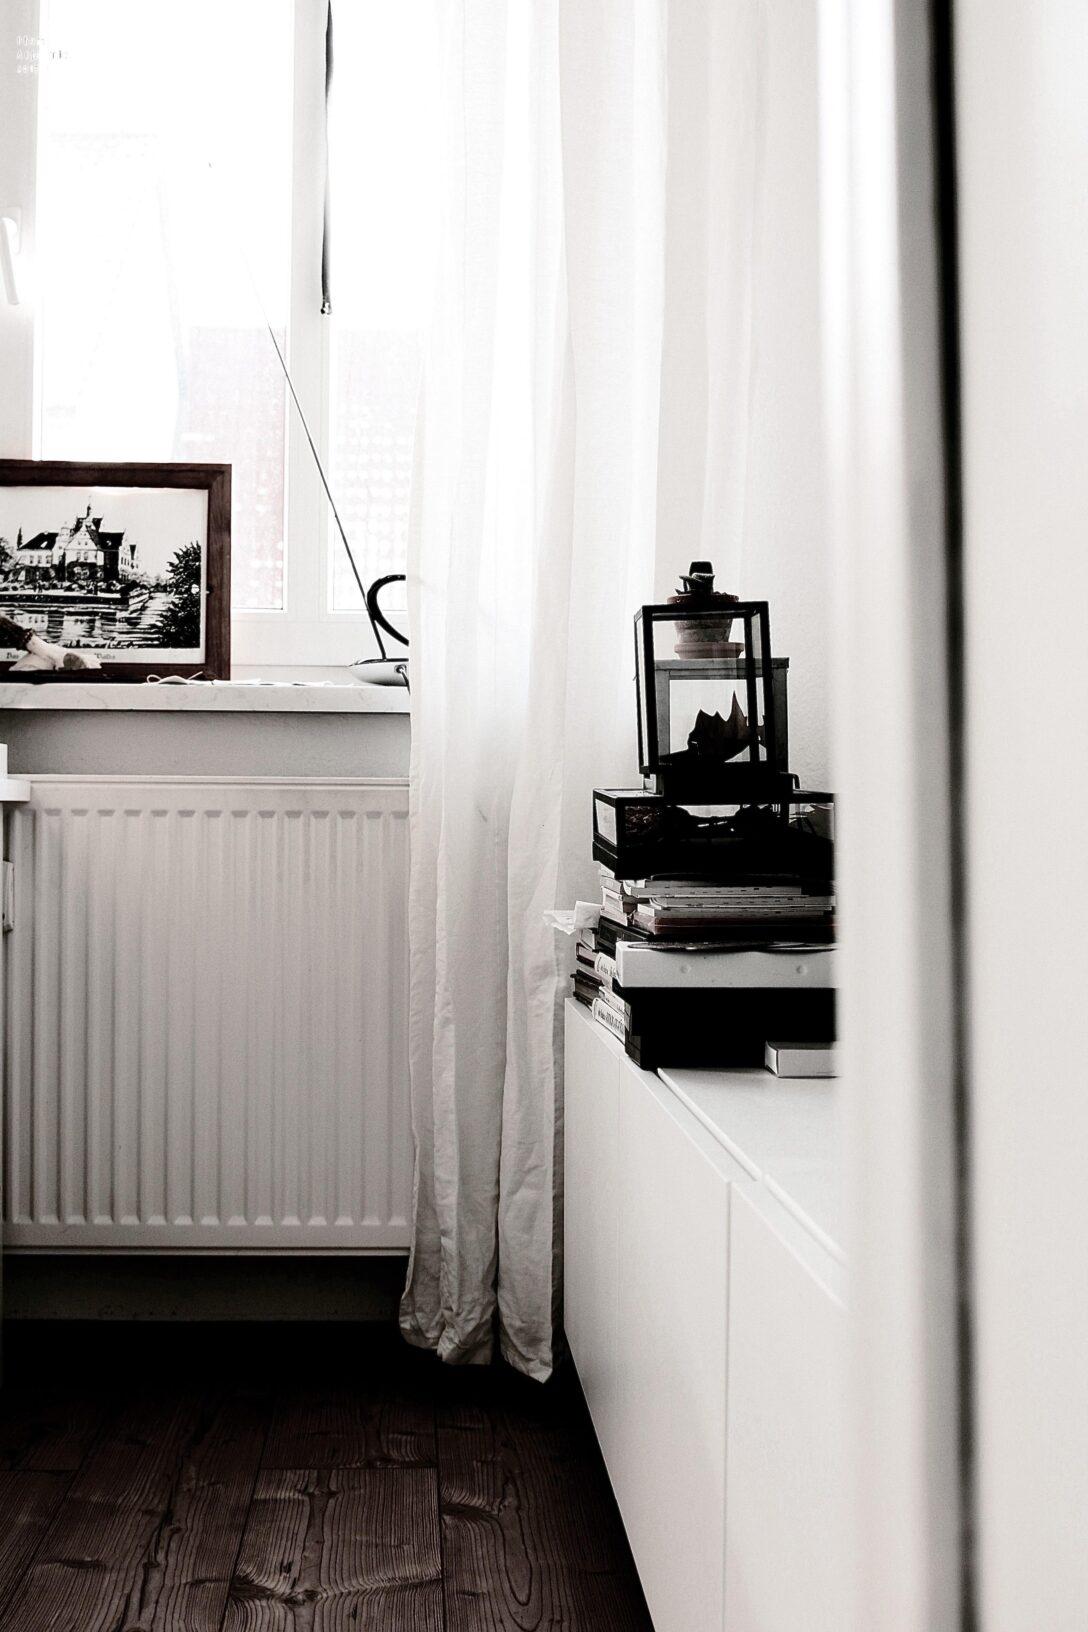 Large Size of Küche Holz Weiß Salamander Doppel Mülleimer Rückwand Glas Vorratsdosen Armaturen Einbauküche Gebraucht Raffrollo Arbeitsplatte Landhaus Gebrauchte Wohnzimmer Handtuchhalter Heizung Küche